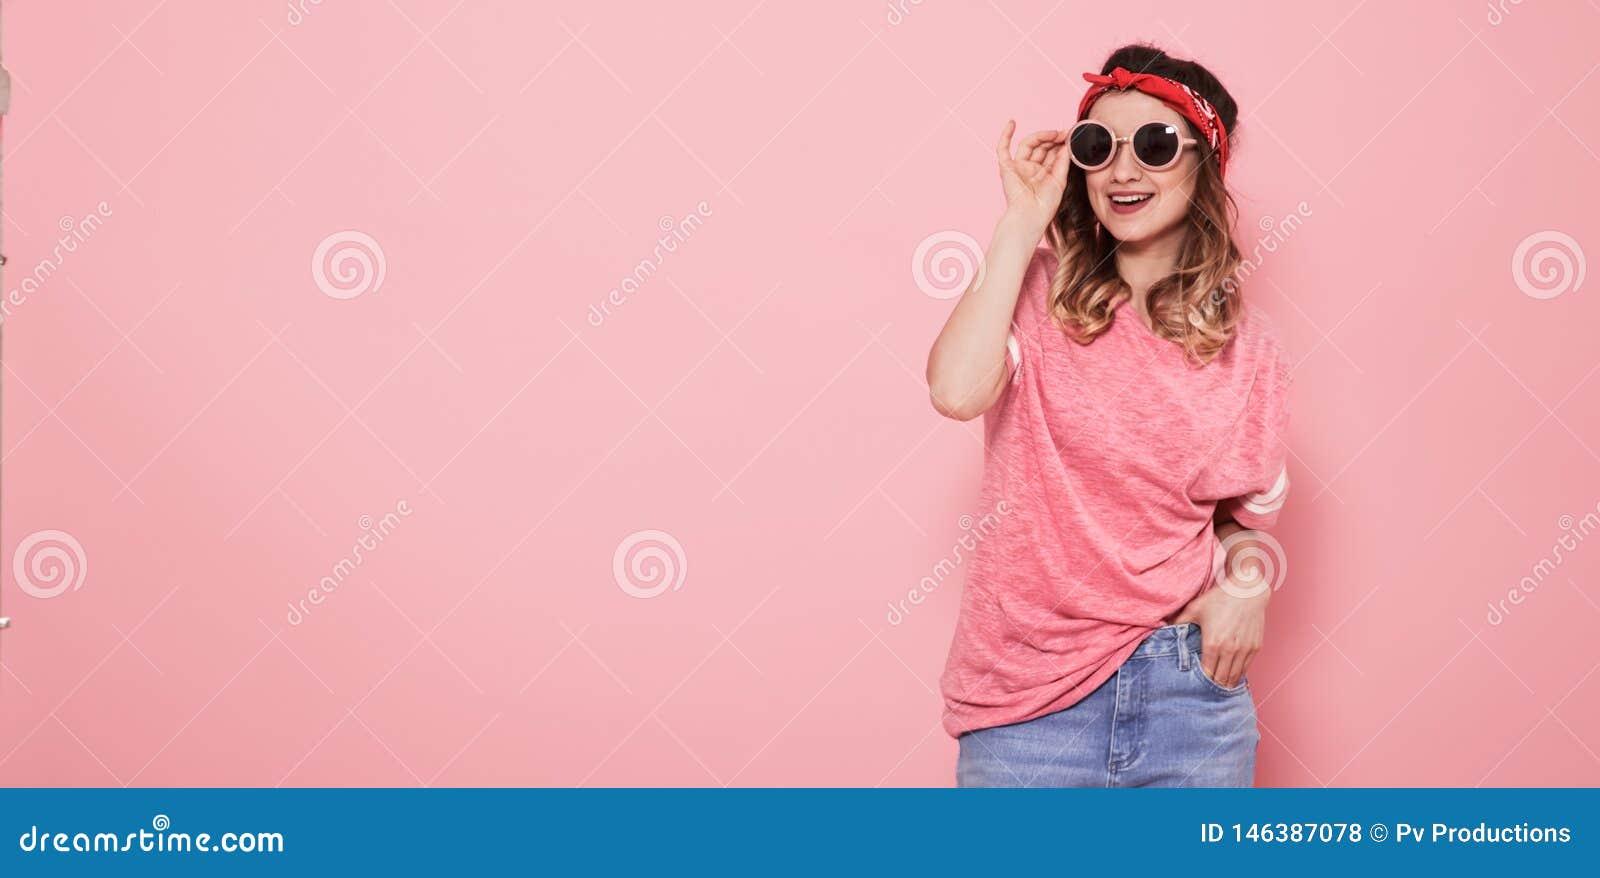 Πορτρέτο του κοριτσιού hipster στα γυαλιά στο ρόδινο υπόβαθρο